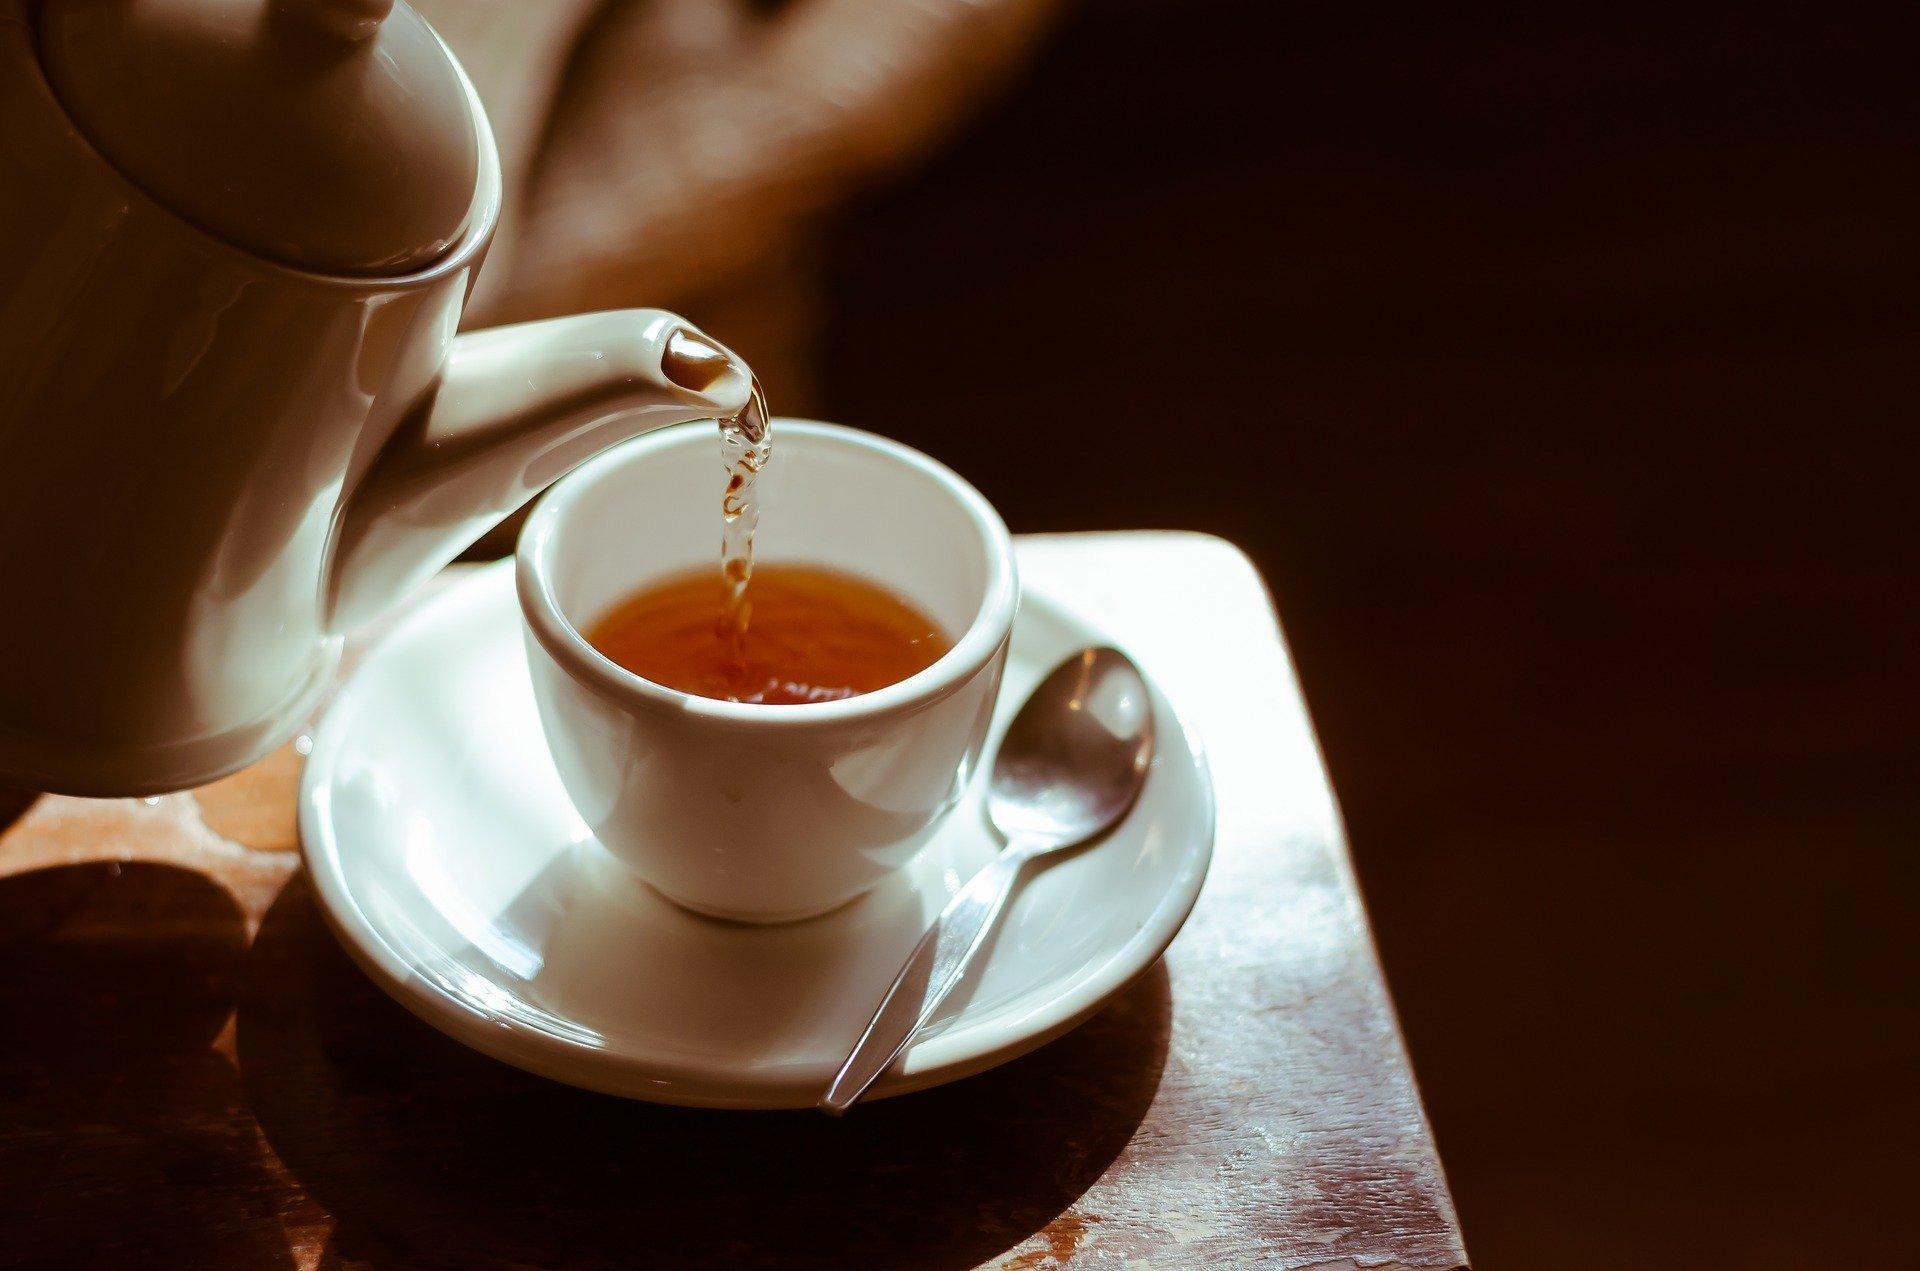 Thé de moringa, une infusion aux nombreux bienfaits